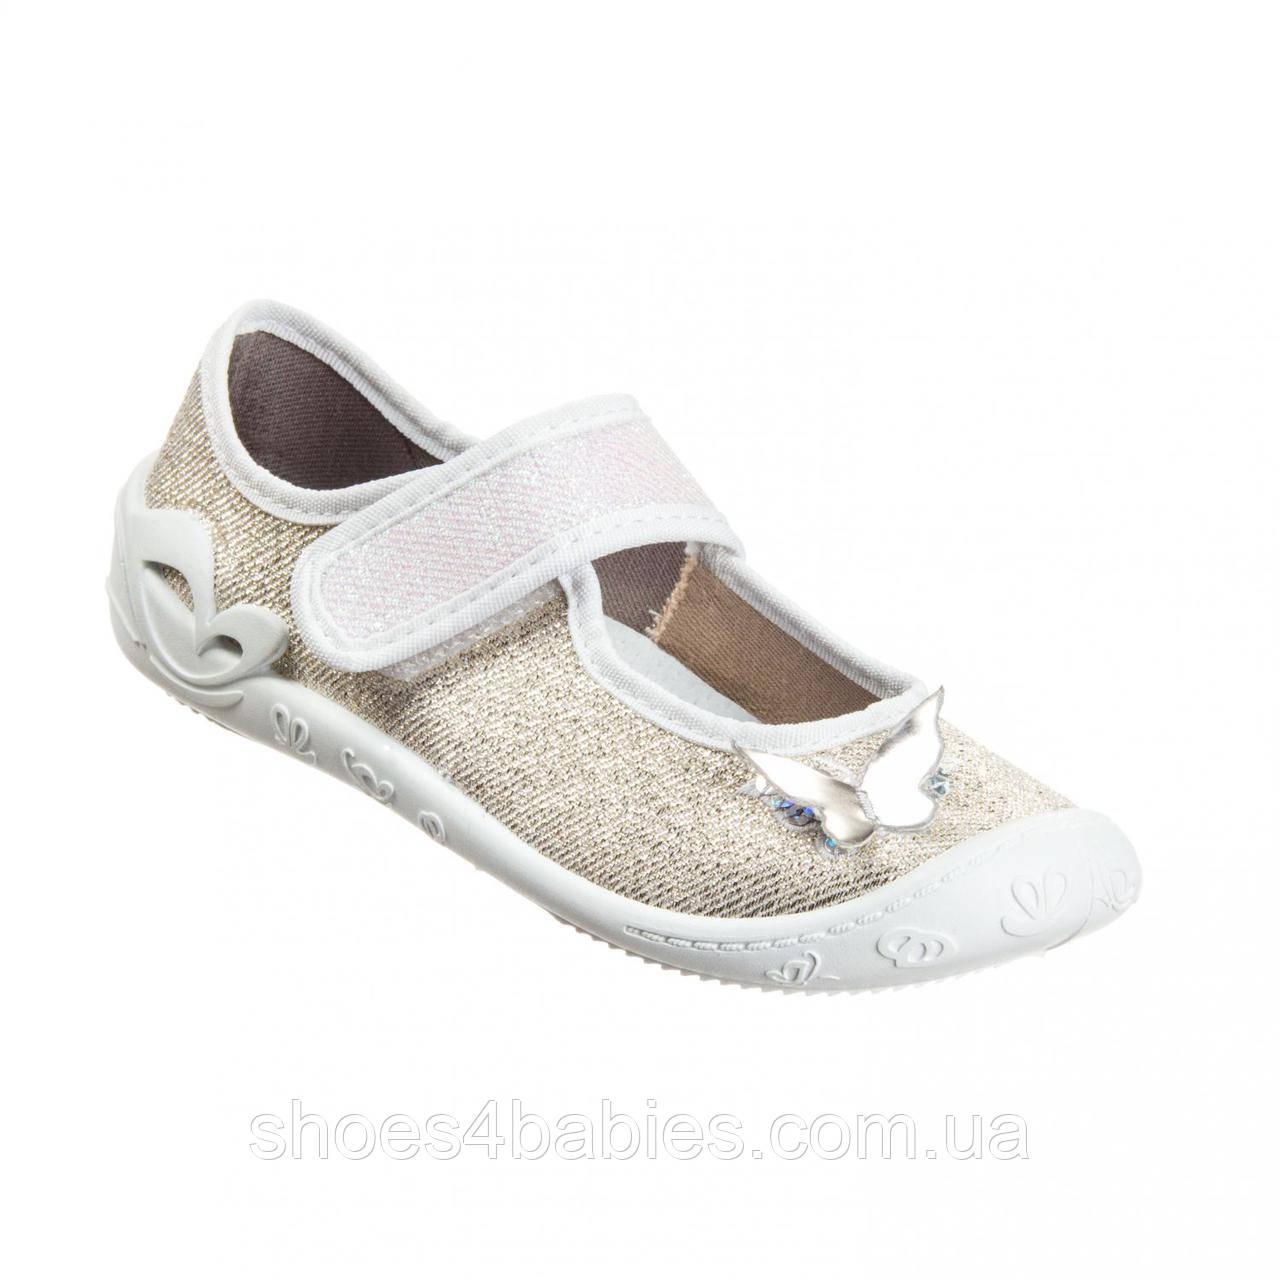 Детские текстильные туфли для девочки р.26 - 31 TM 3F Польша золото